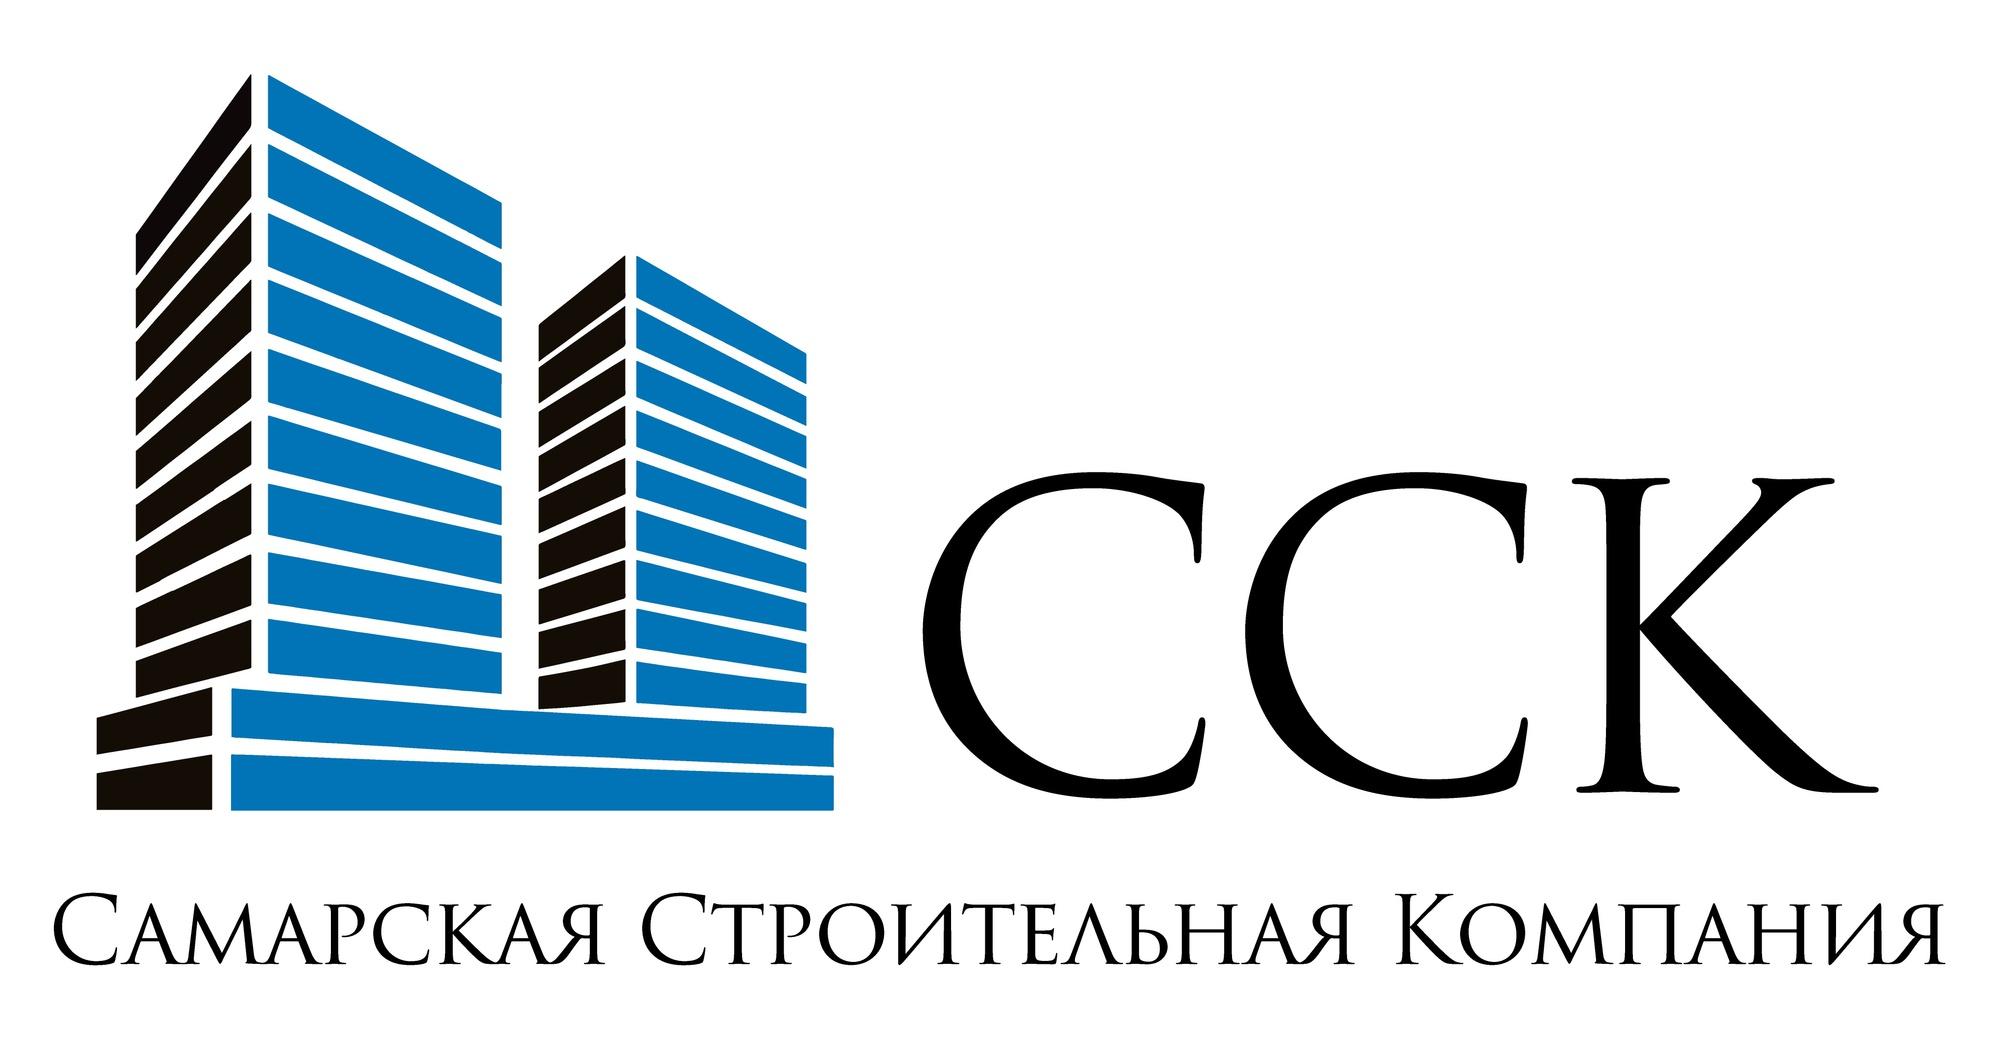 Некоммерческое партнерство Группа проектностроительных